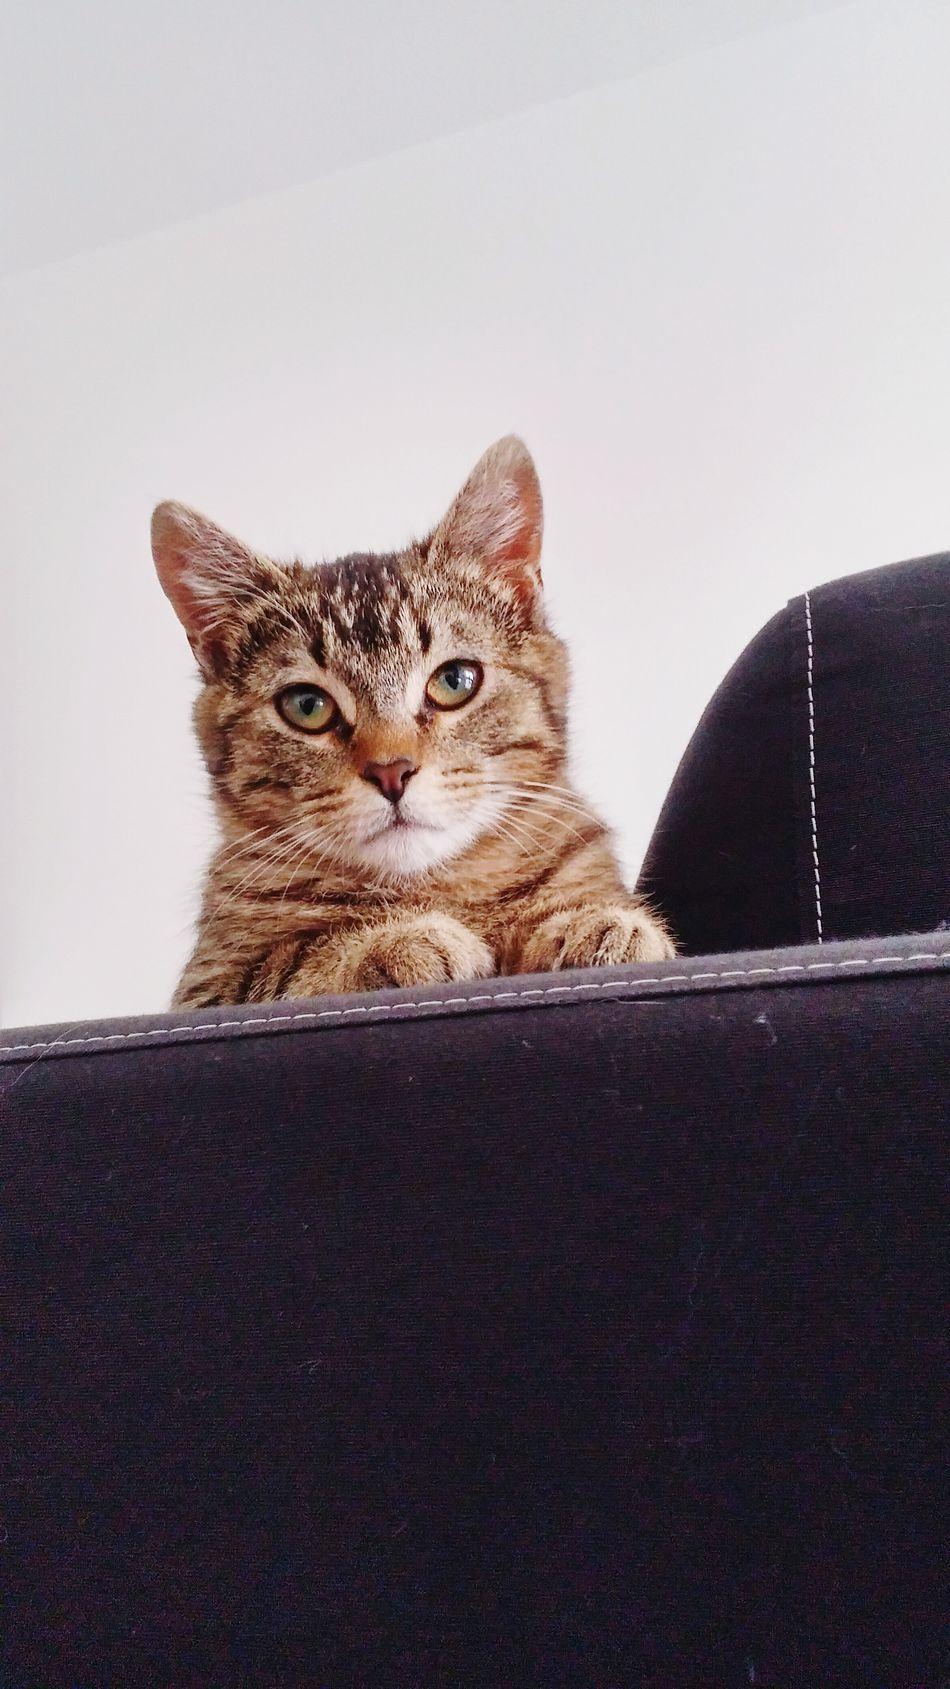 Neko again ^^ Cats 🐱 Cats Of EyeEm Cats Cat Cat Lovers Cat Eyes Open Edit Chat Cute Pet Cute Cats (>^ω^<) Cute Cat Adorable Adorable Cat  Cute Pets Neko